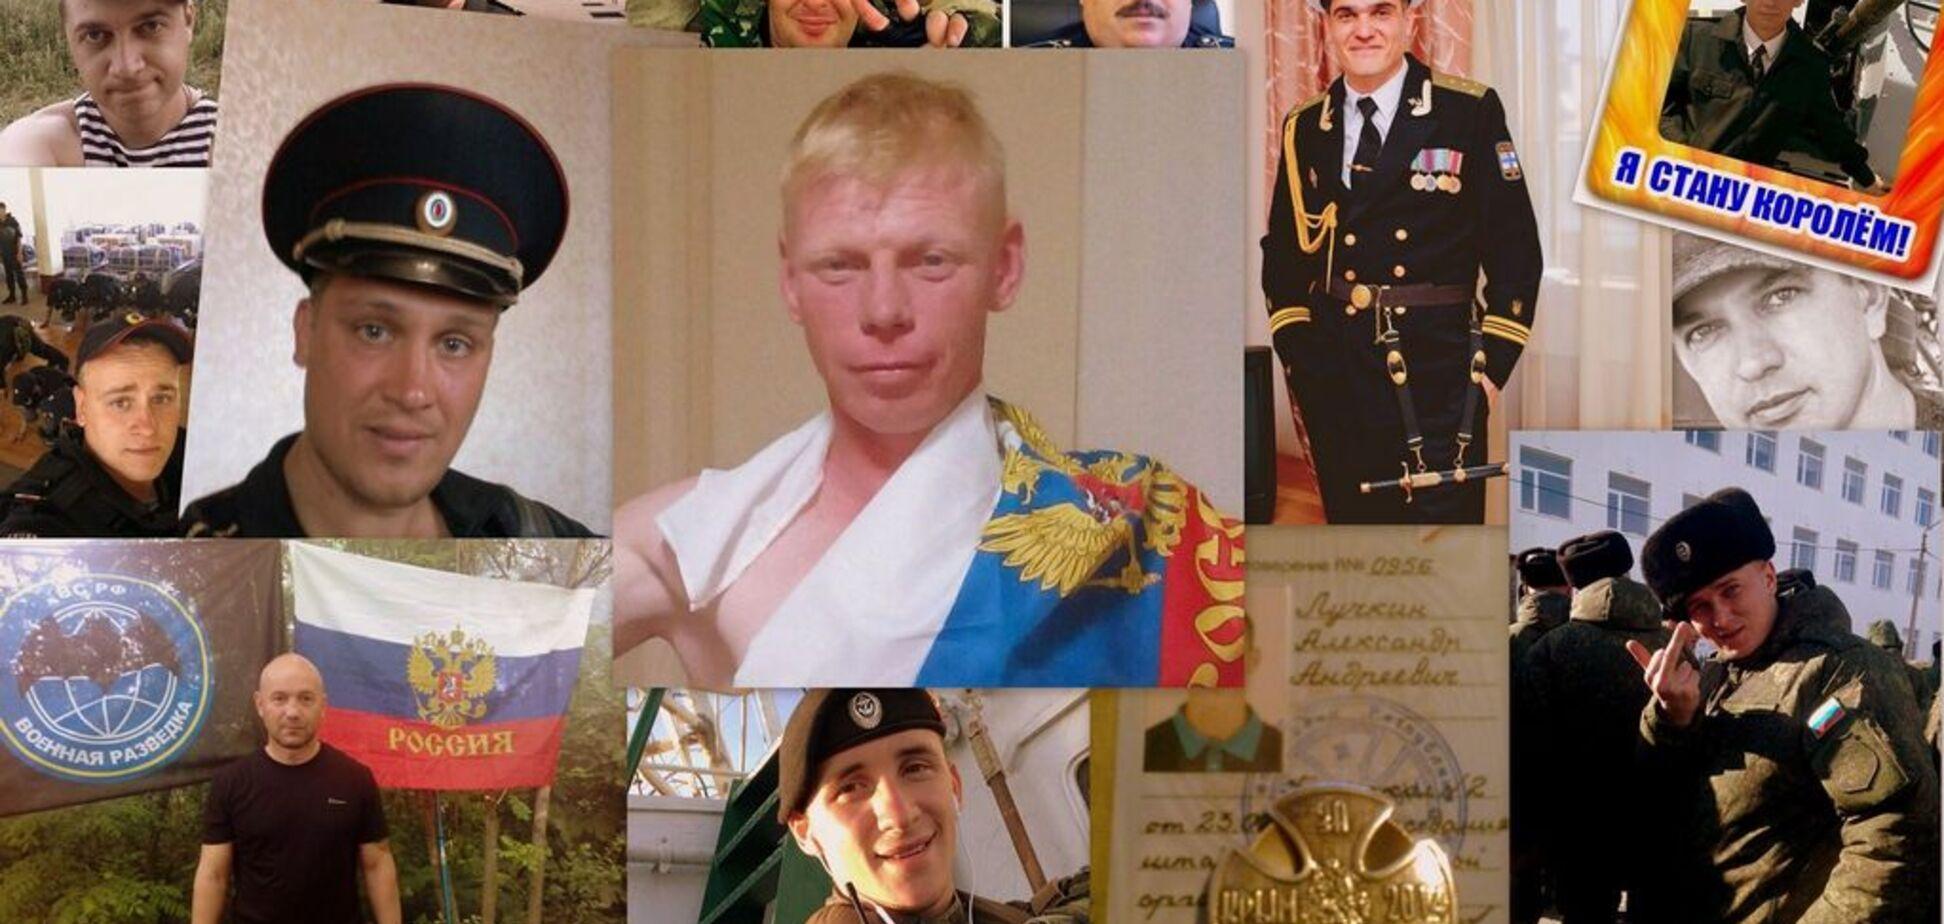 Зрадили Україну: в мережі показали фото кримчан, які присягнули Путіну